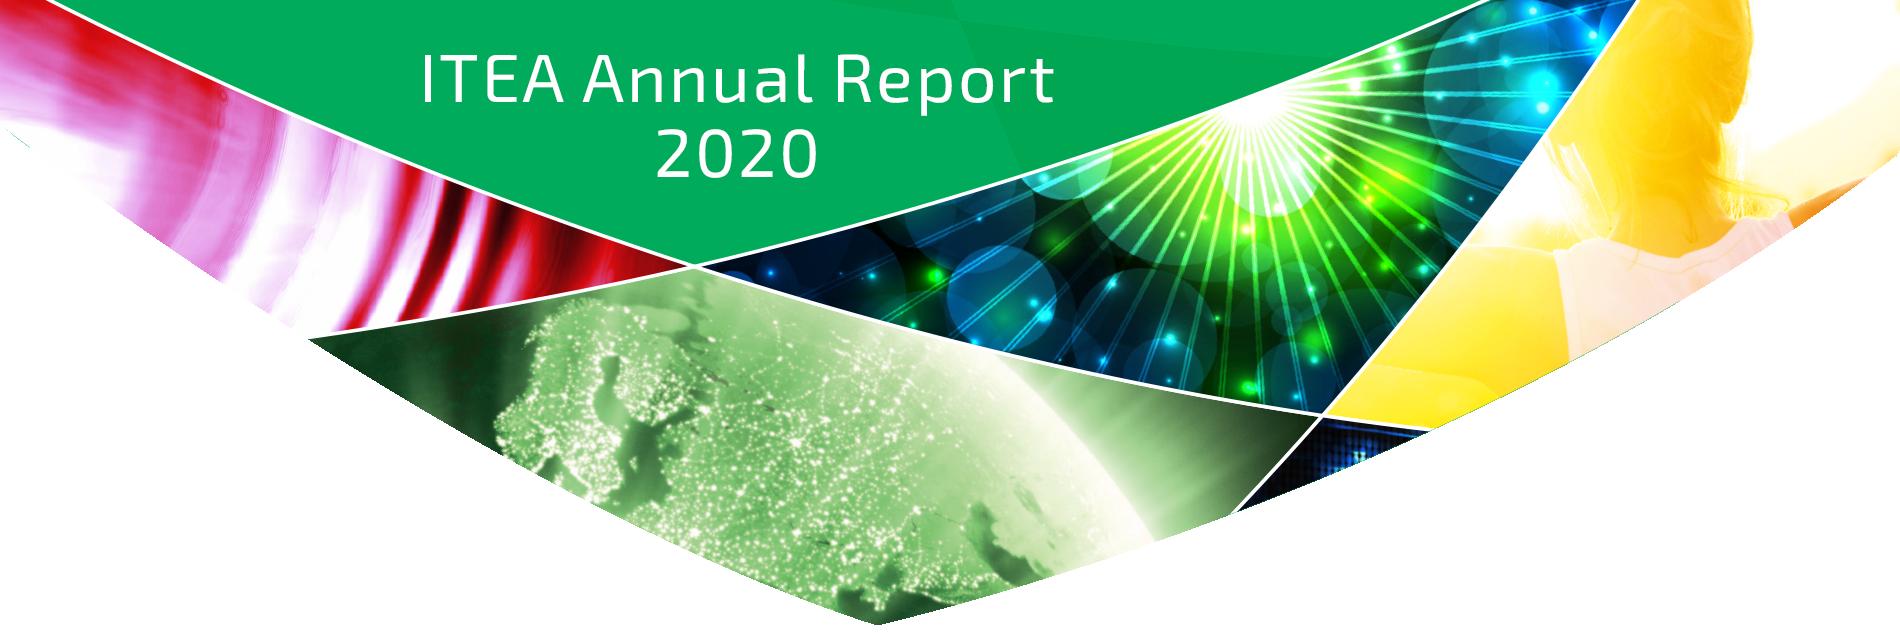 ITEA Annual Report 2020 Header